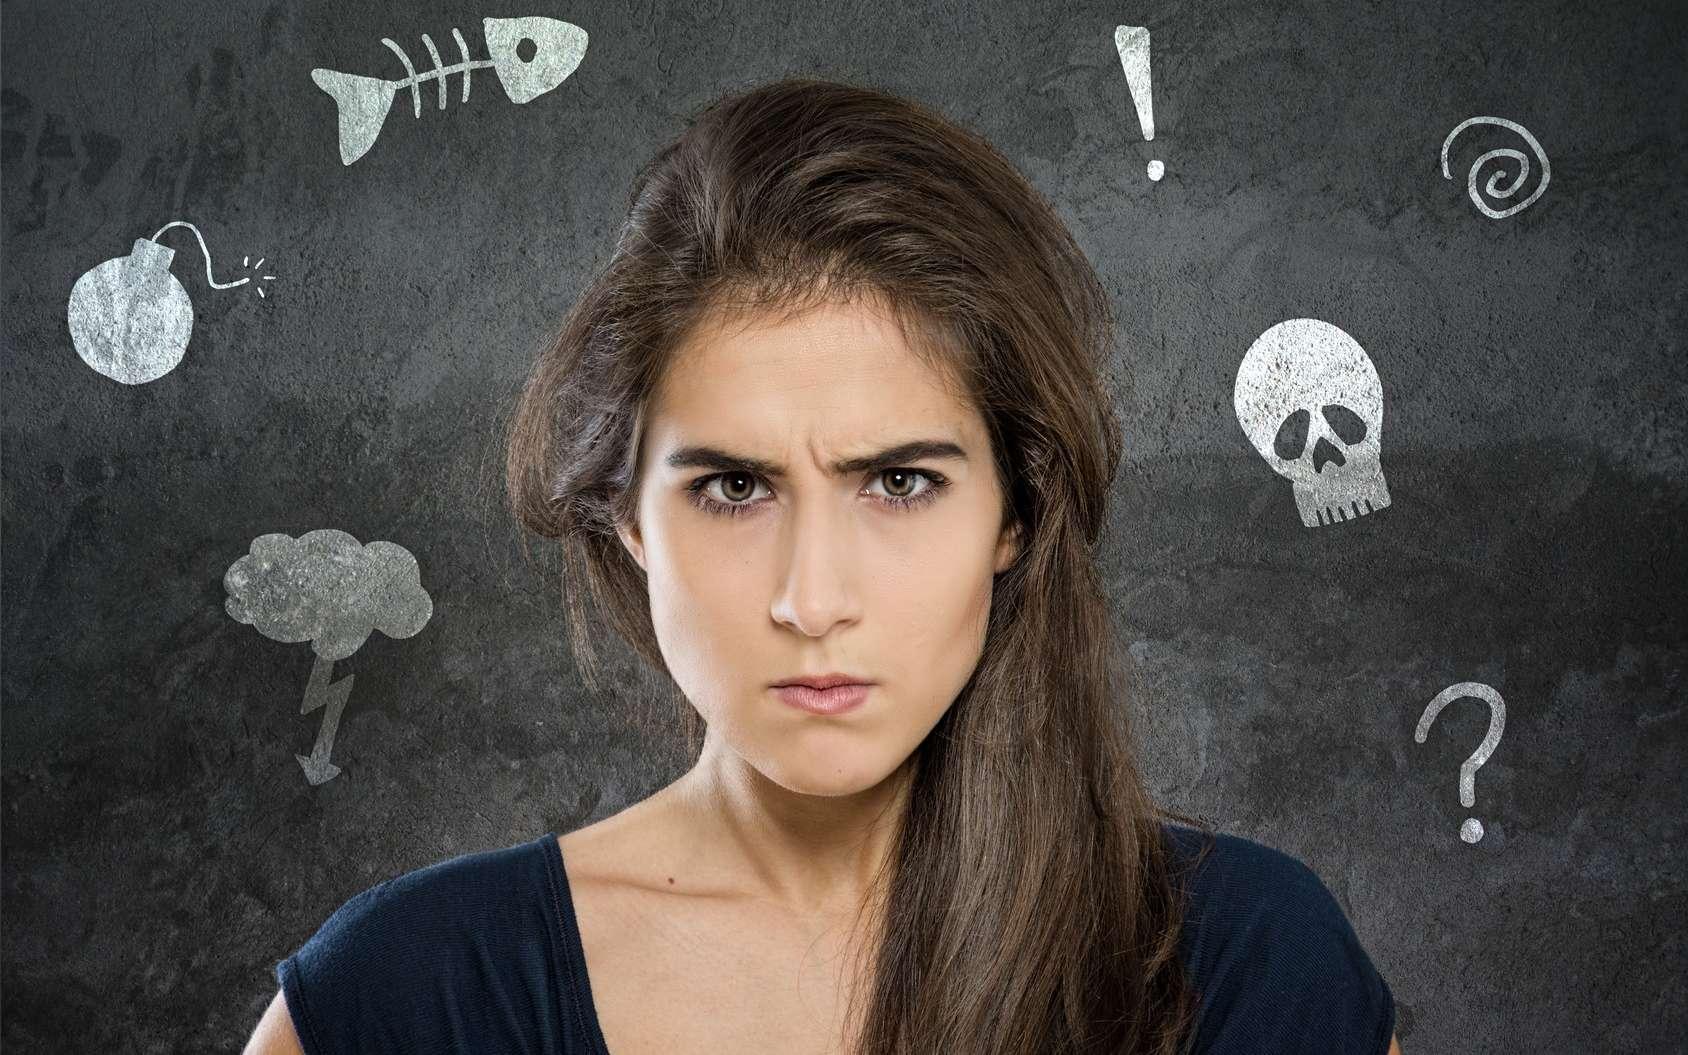 Une molécule qui supprime les pensées indésirables de notre cerveau, c'est possible ? Ruminer des idées noires n'est pas bon pour la santé mentale. © lassedesignen, Fotolia